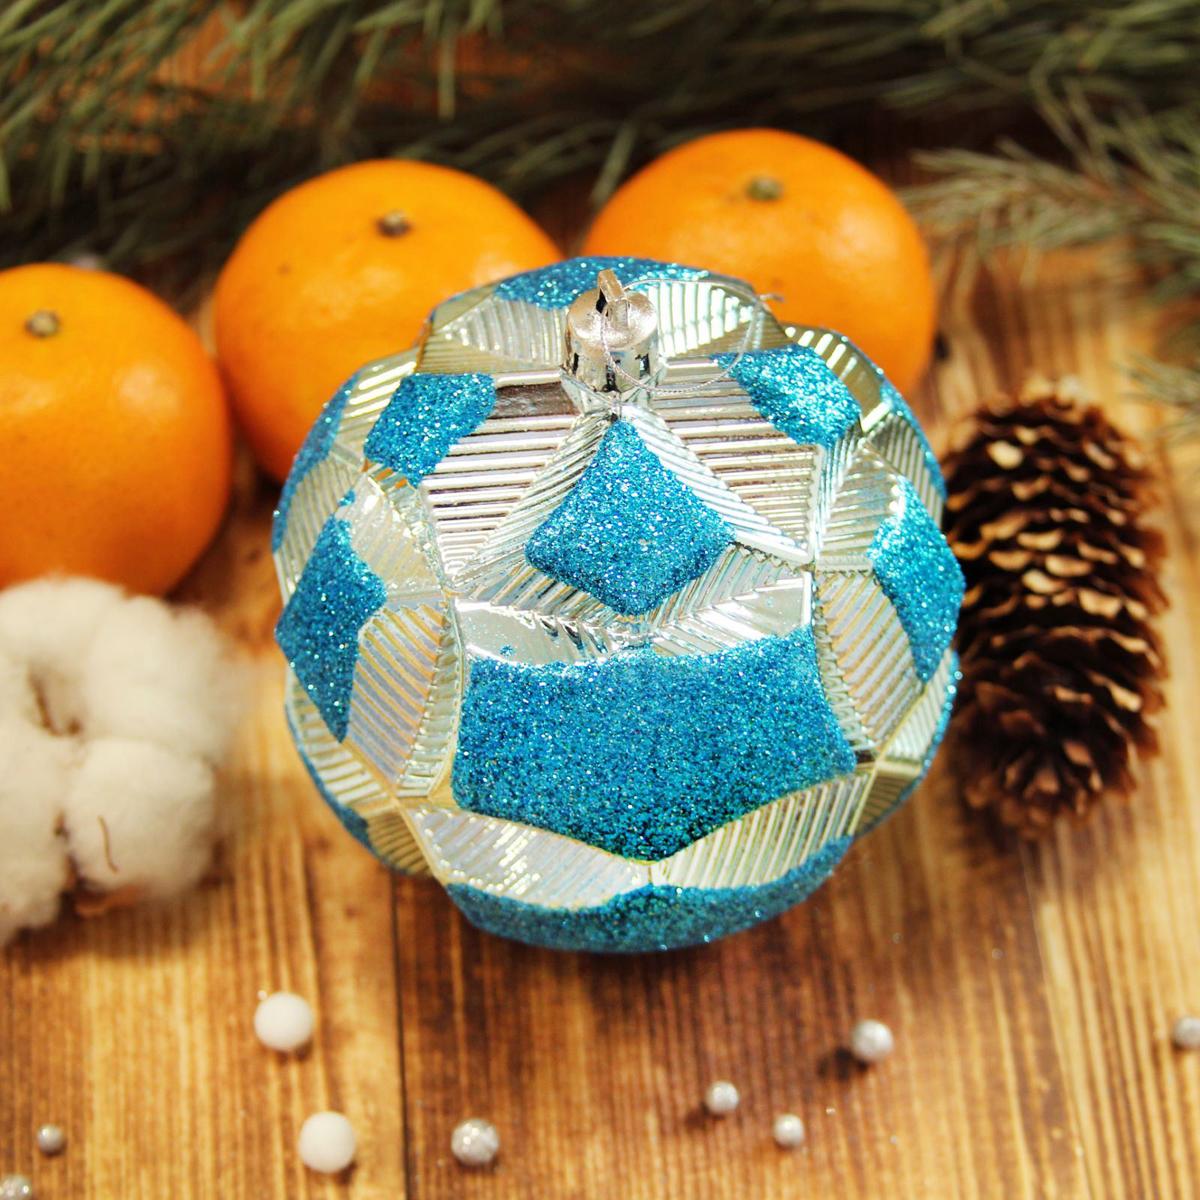 Набор новогодних подвесных украшений Sima-land Цветочный рельеф, цвет: голубой, диаметр 10 см, 5 шт2123014Набор новогодних подвесных украшений Sima-land отлично подойдет для декорации вашего дома и новогодней ели. С помощью специальной петельки украшение можно повесить в любом понравившемся вам месте. Но, конечно, удачнее всего оно будет смотреться на праздничной елке. Елочная игрушка - символ Нового года. Она несет в себе волшебство и красоту праздника. Создайте в своем доме атмосферу веселья и радости, украшая новогоднюю елку нарядными игрушками, которые будут из года в год накапливать теплоту воспоминаний.